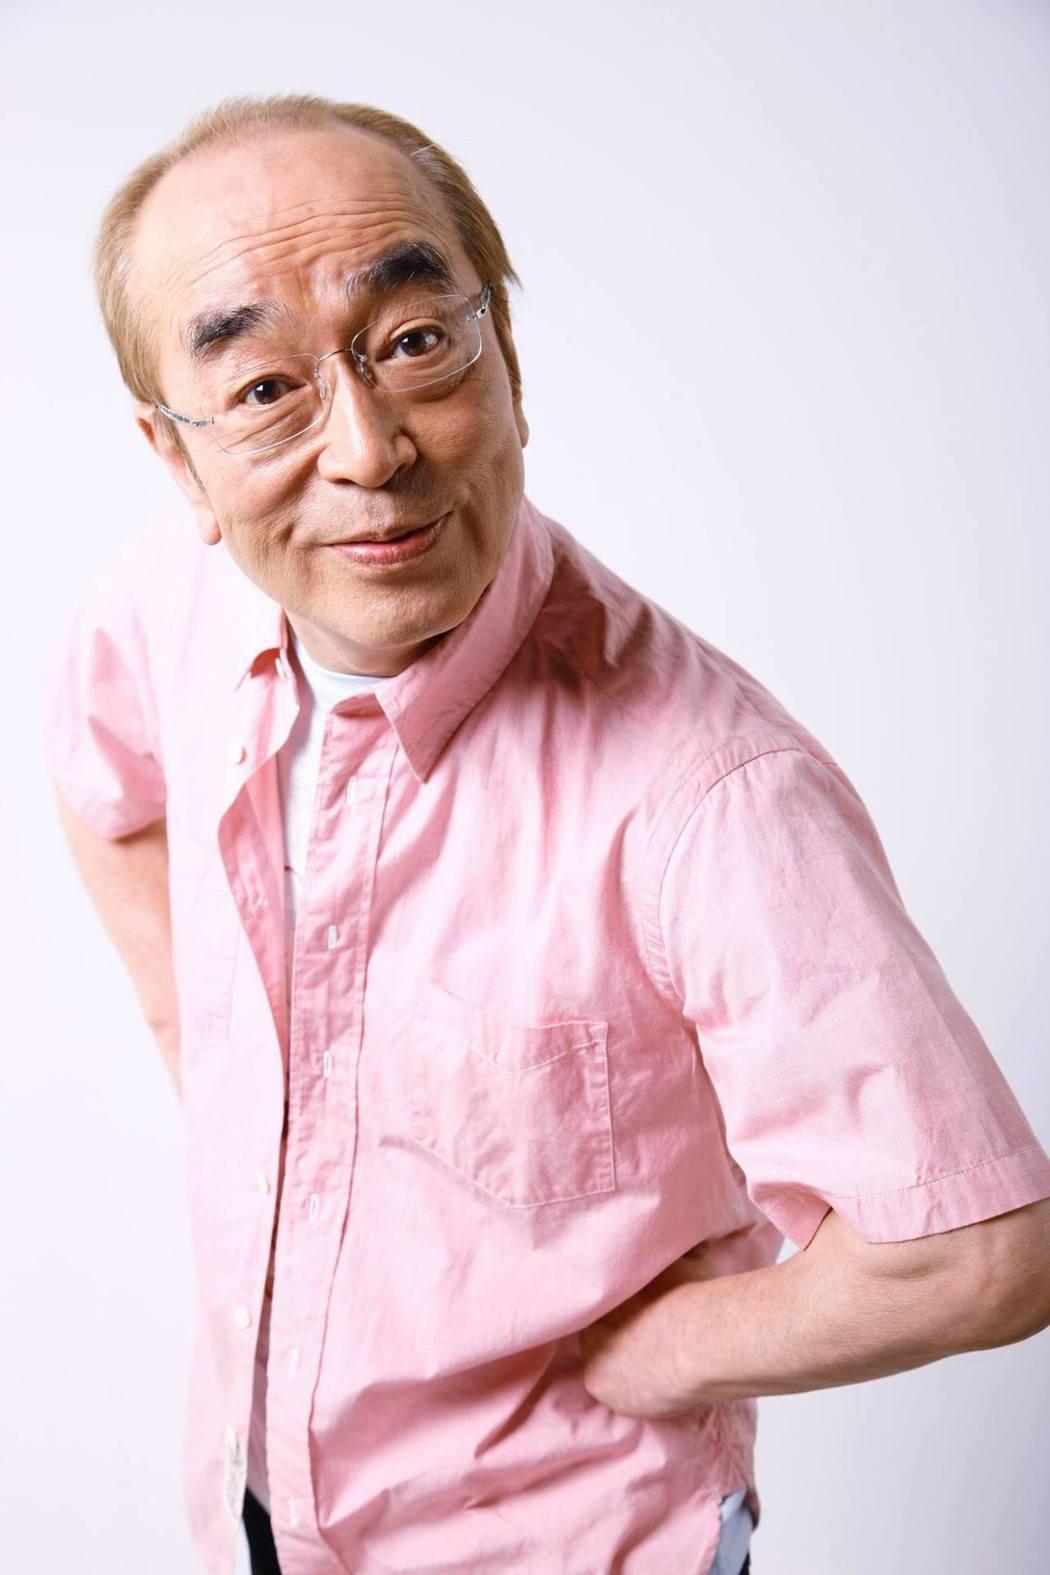 志村健成為日本演藝圈首位確診感染新冠肺炎的藝人。 圖/擷自推特